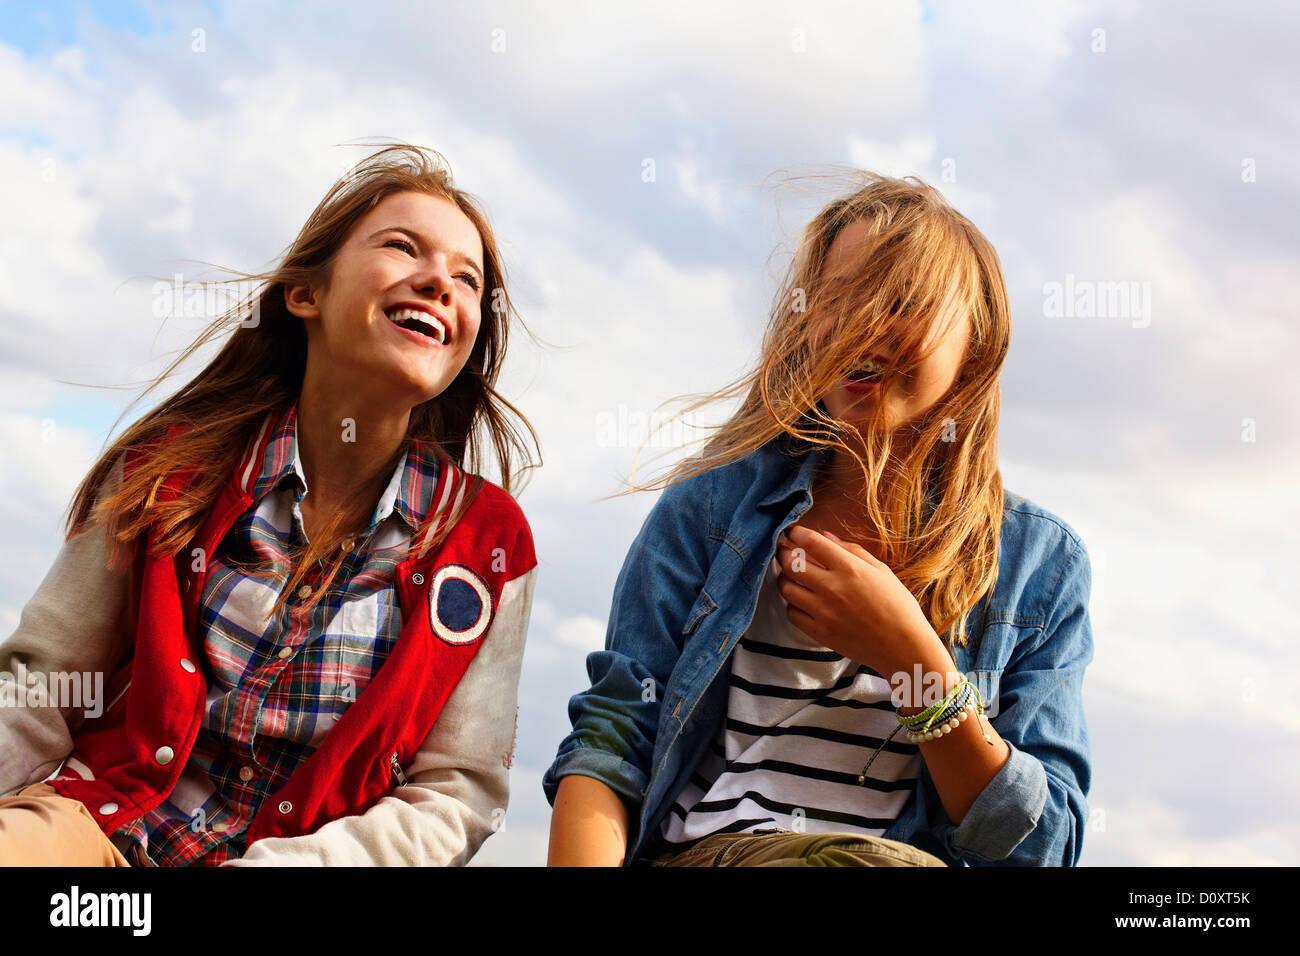 Teenage Girls Photo Stock